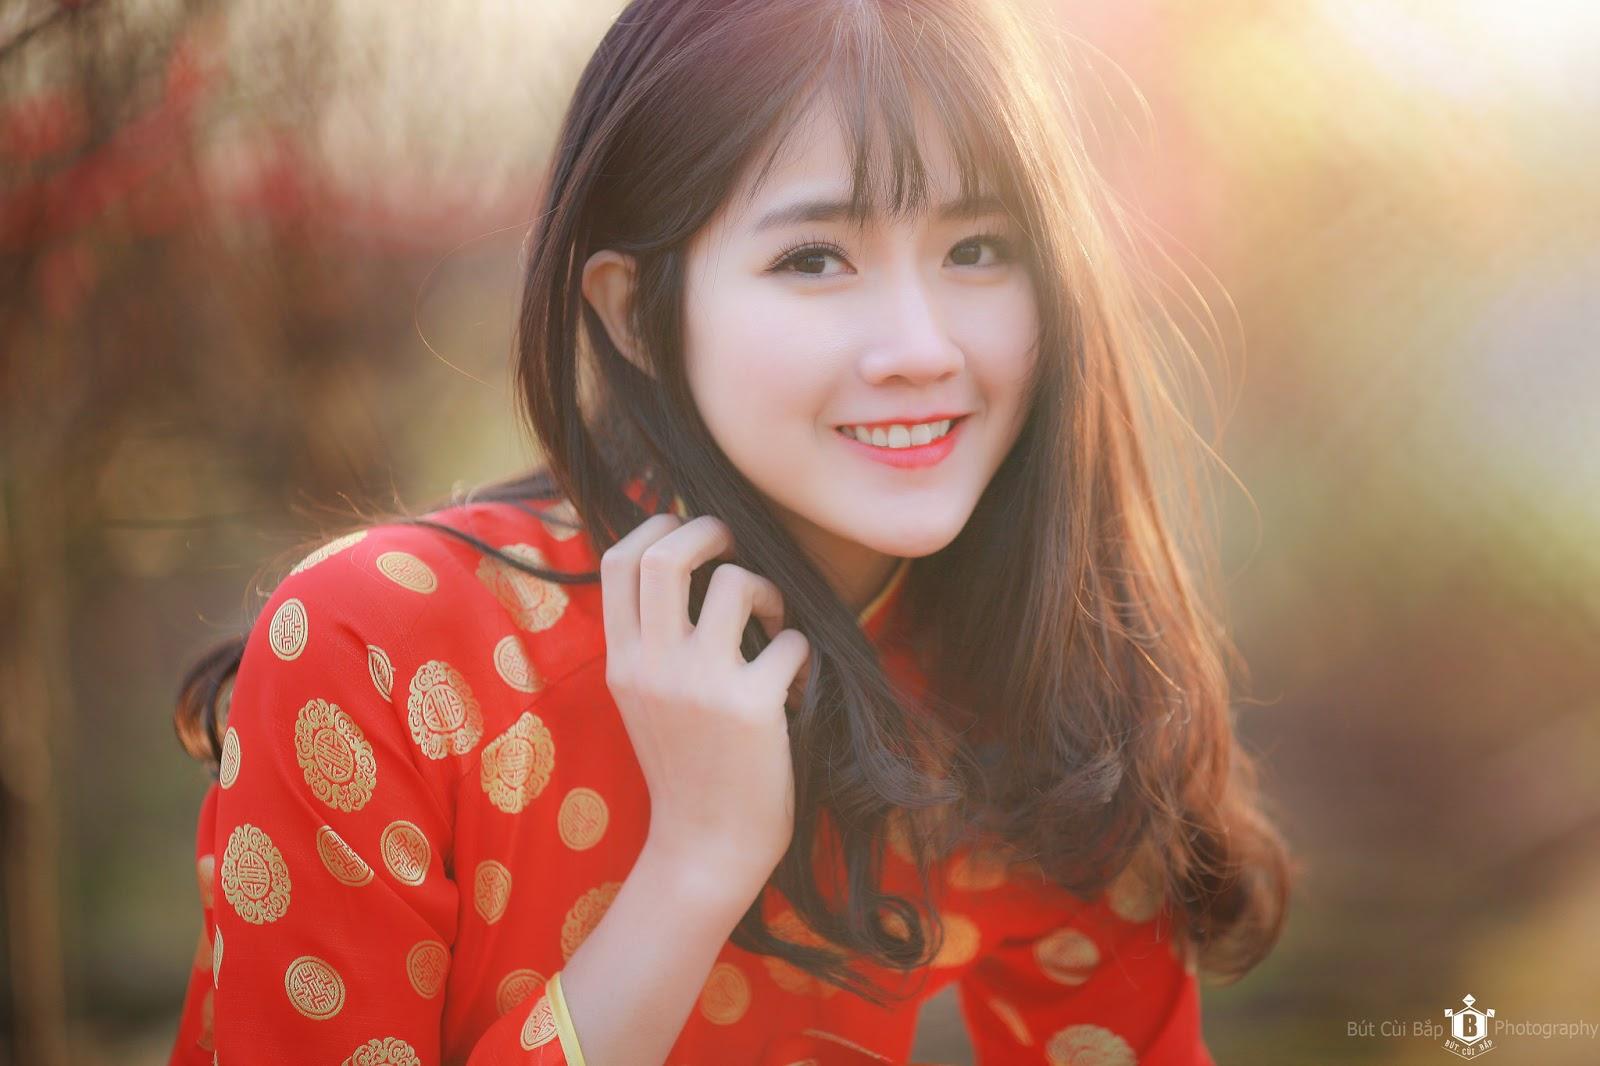 Nguyen Hoang Kieu Trinh Photos